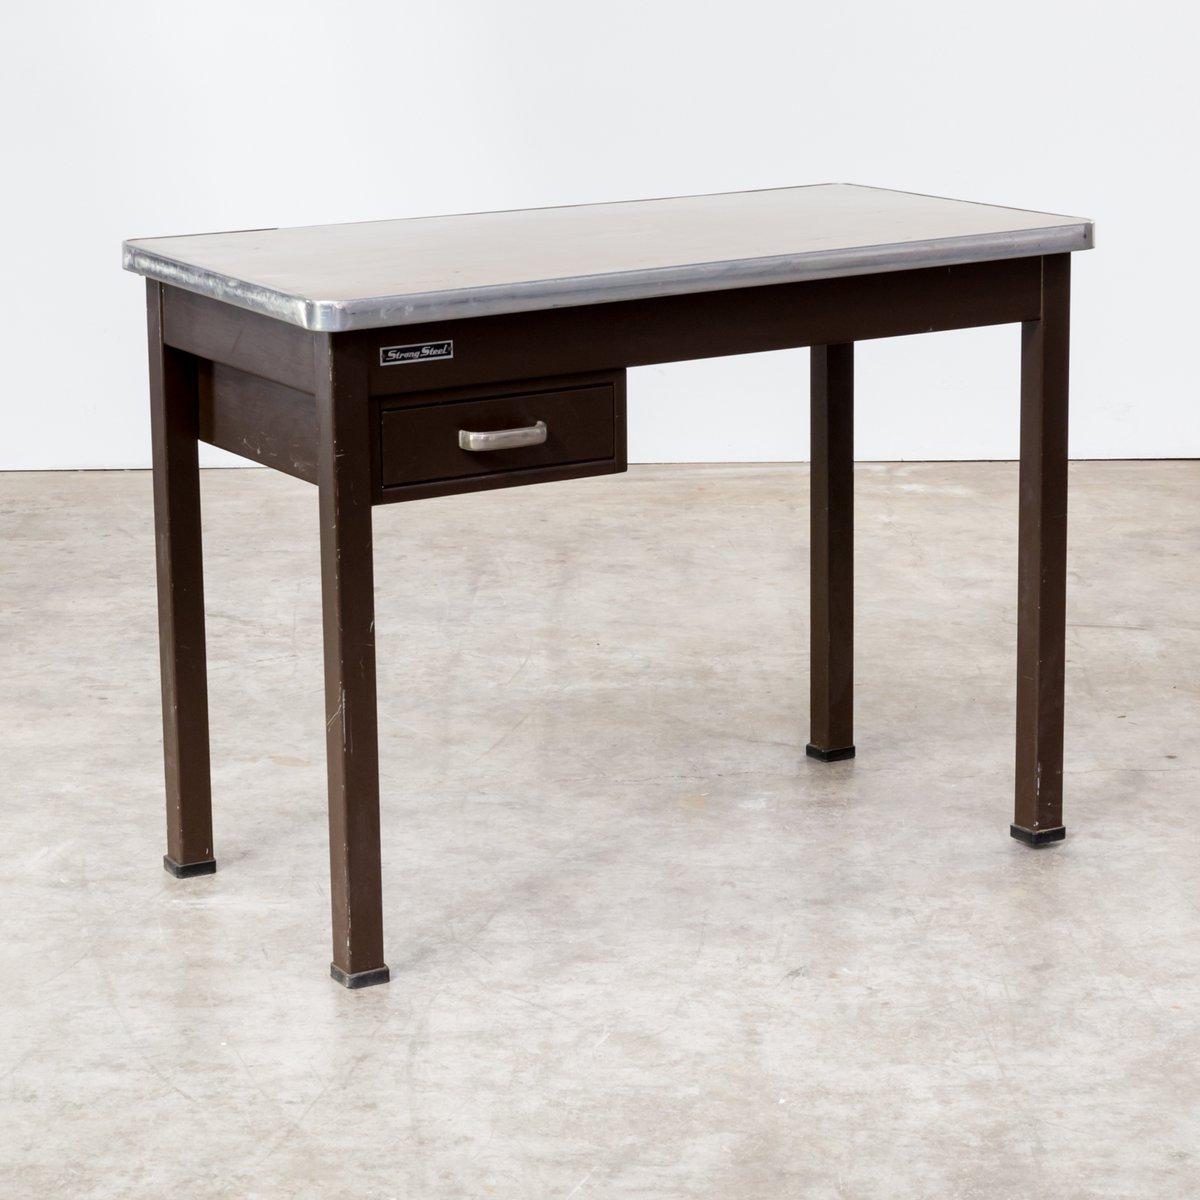 schreibtisch aus festem metall von strong steel 1970er bei pamono kaufen. Black Bedroom Furniture Sets. Home Design Ideas